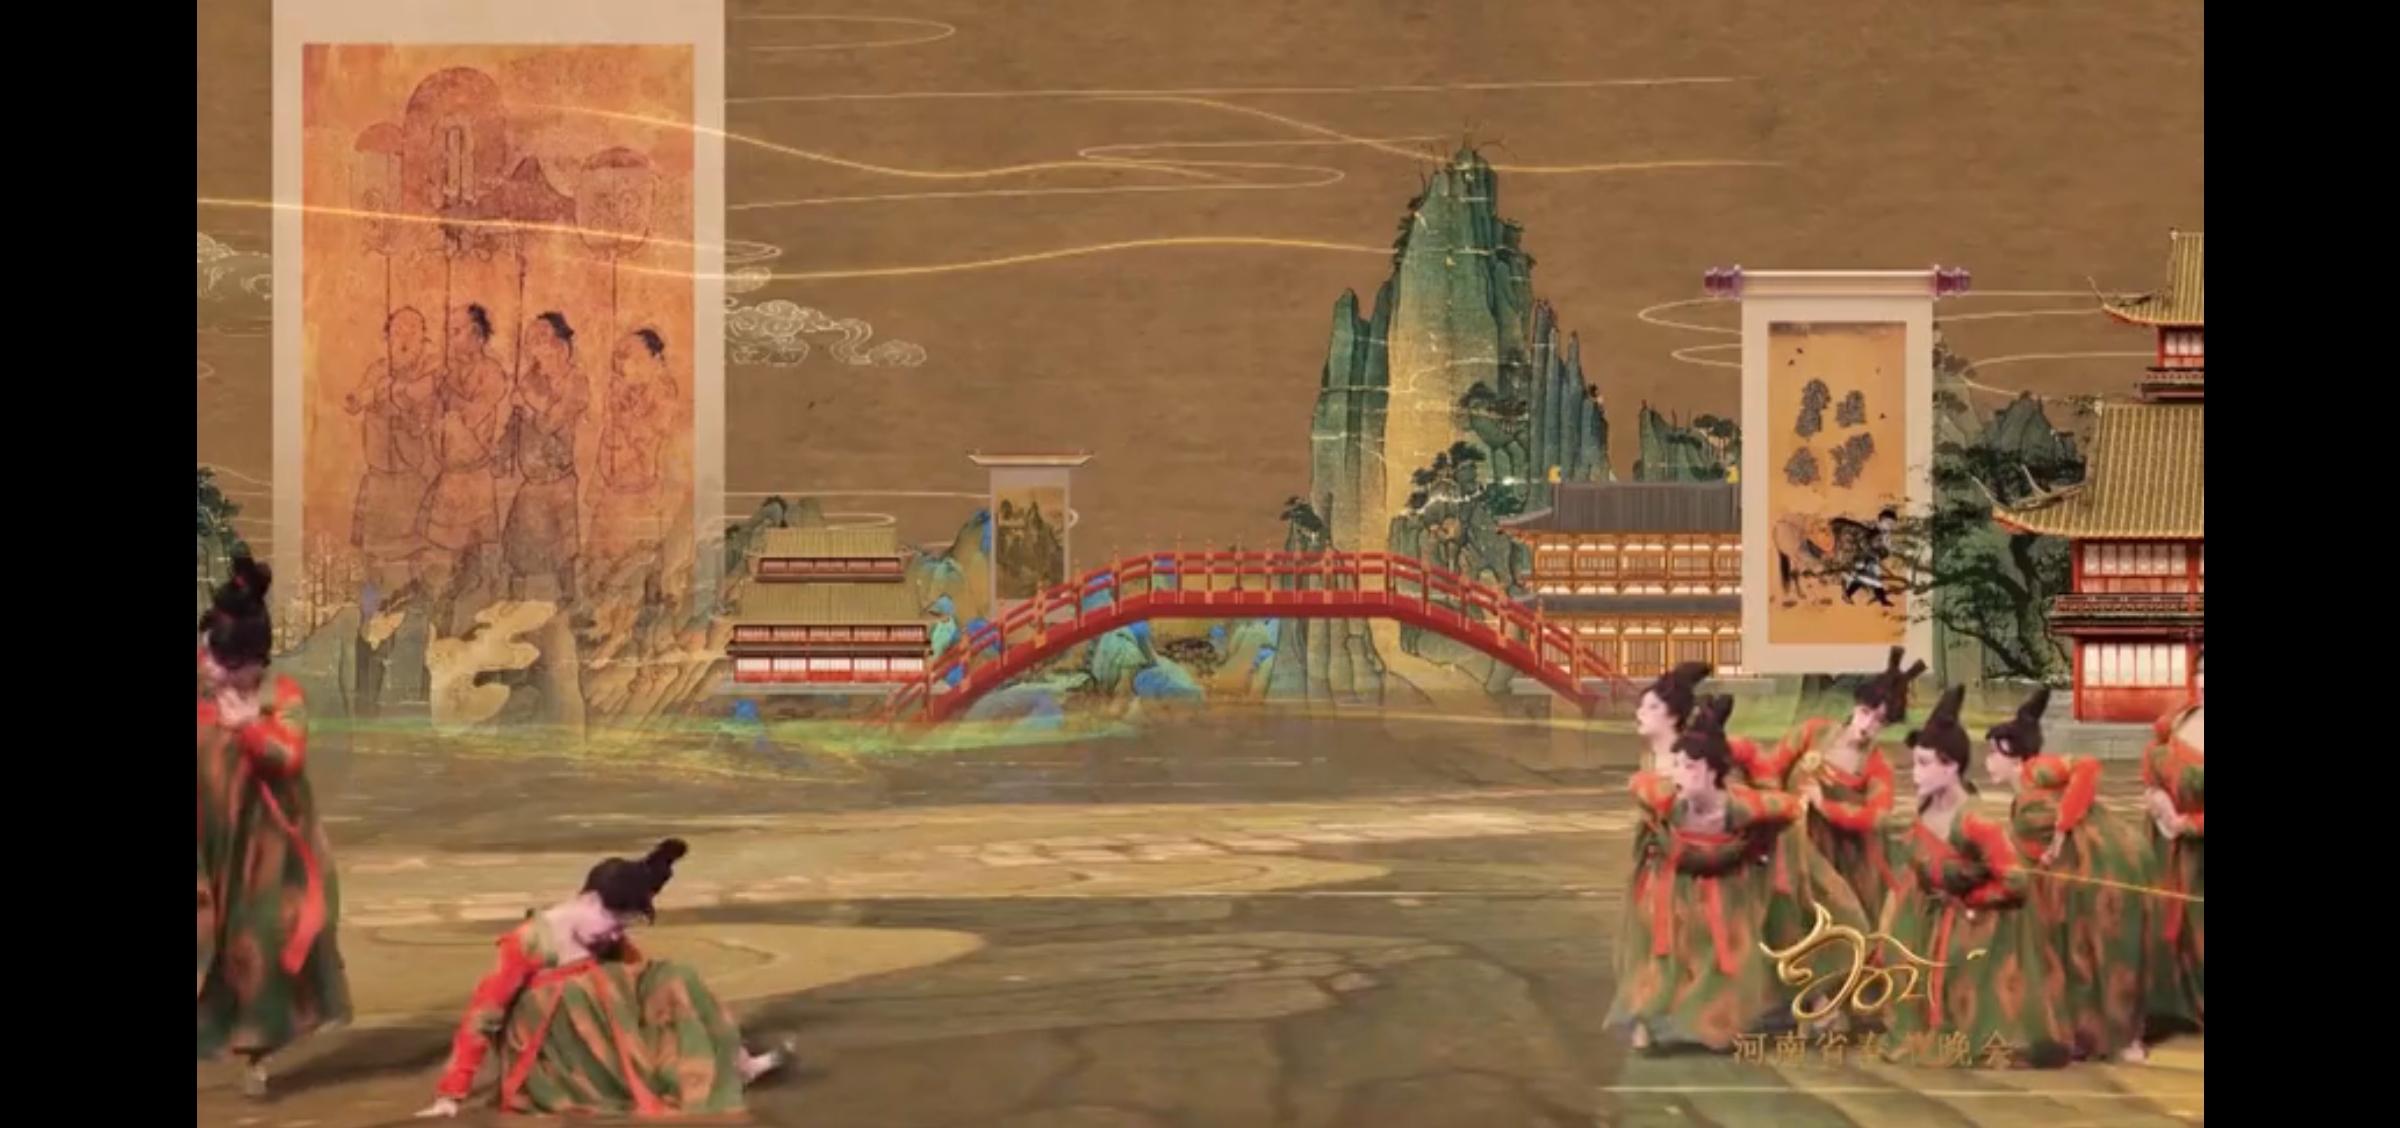 穿行名画间 《唐宫夜宴》剧照 图自河南卫视公众号视频发布截屏